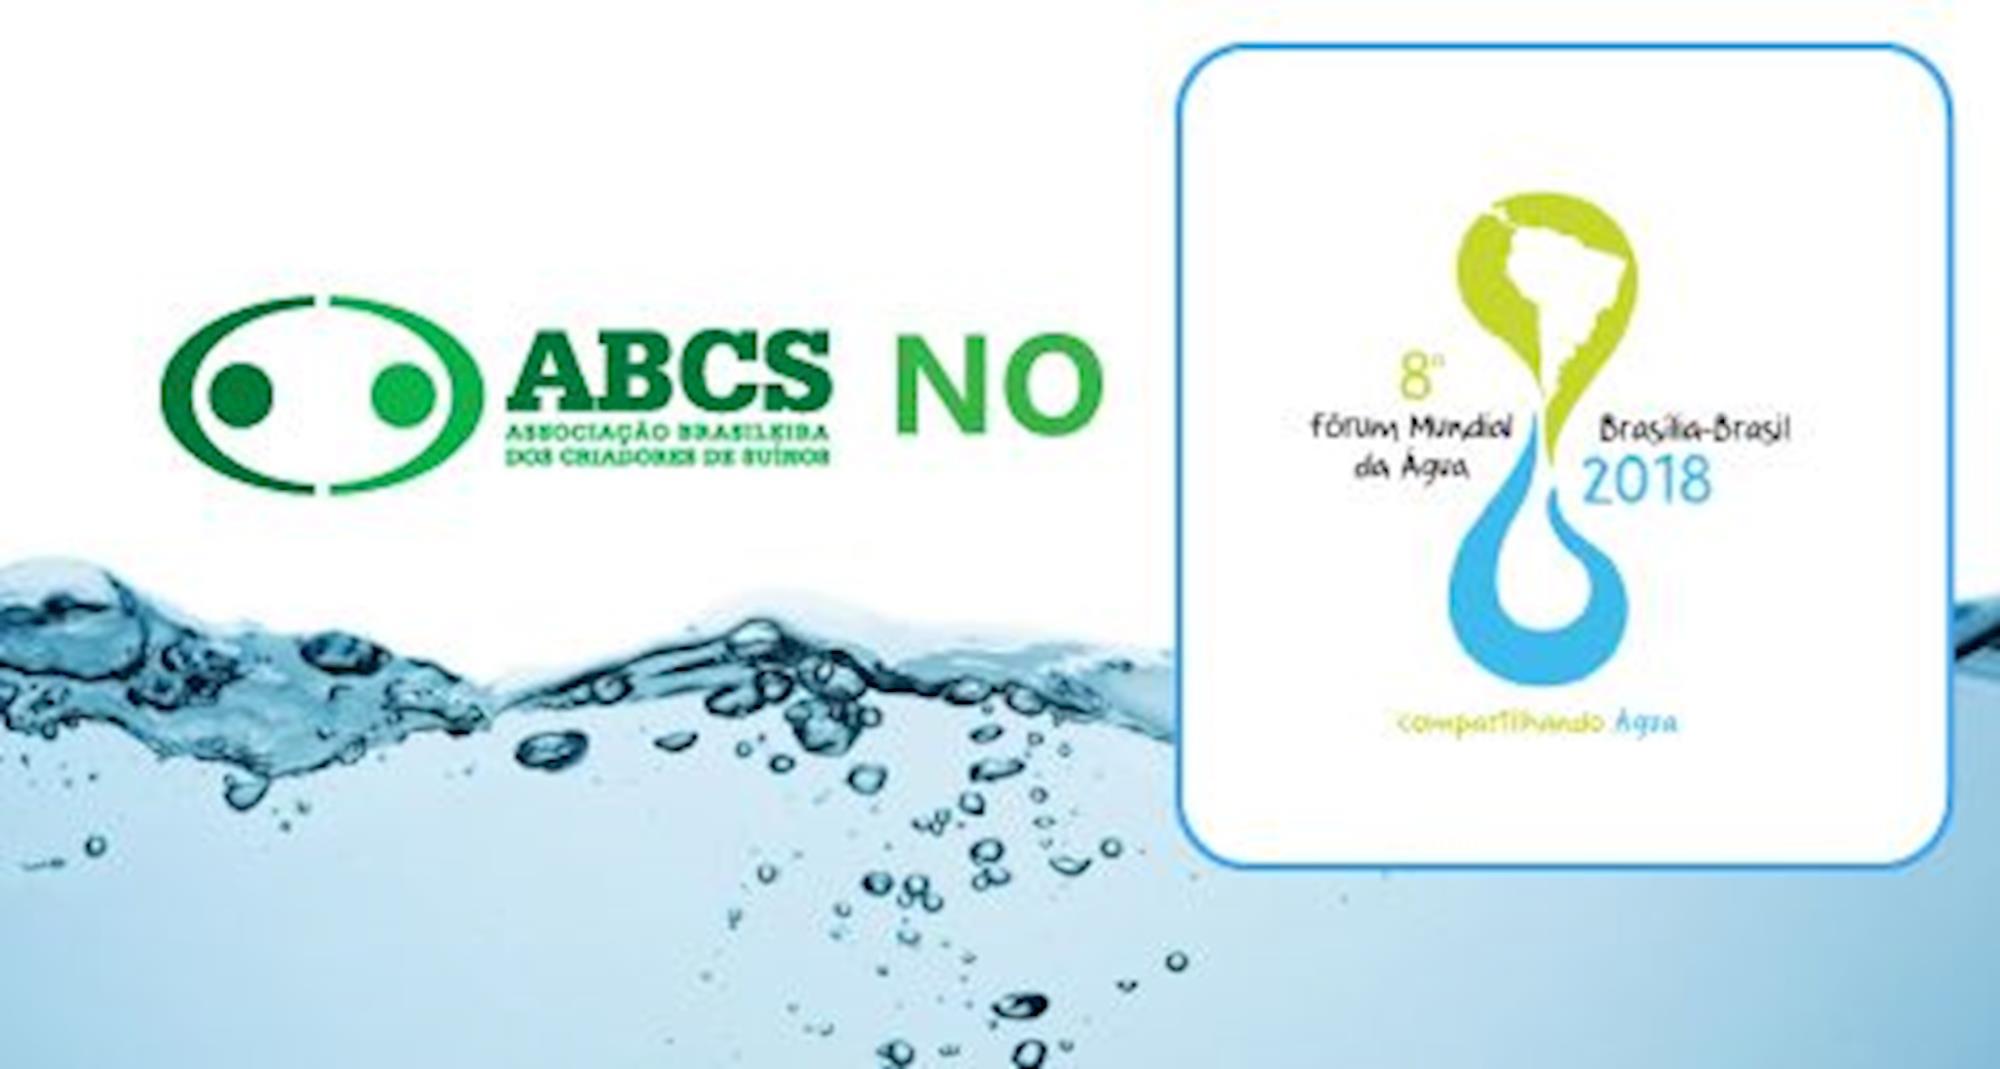 , Reprodução/ABCS